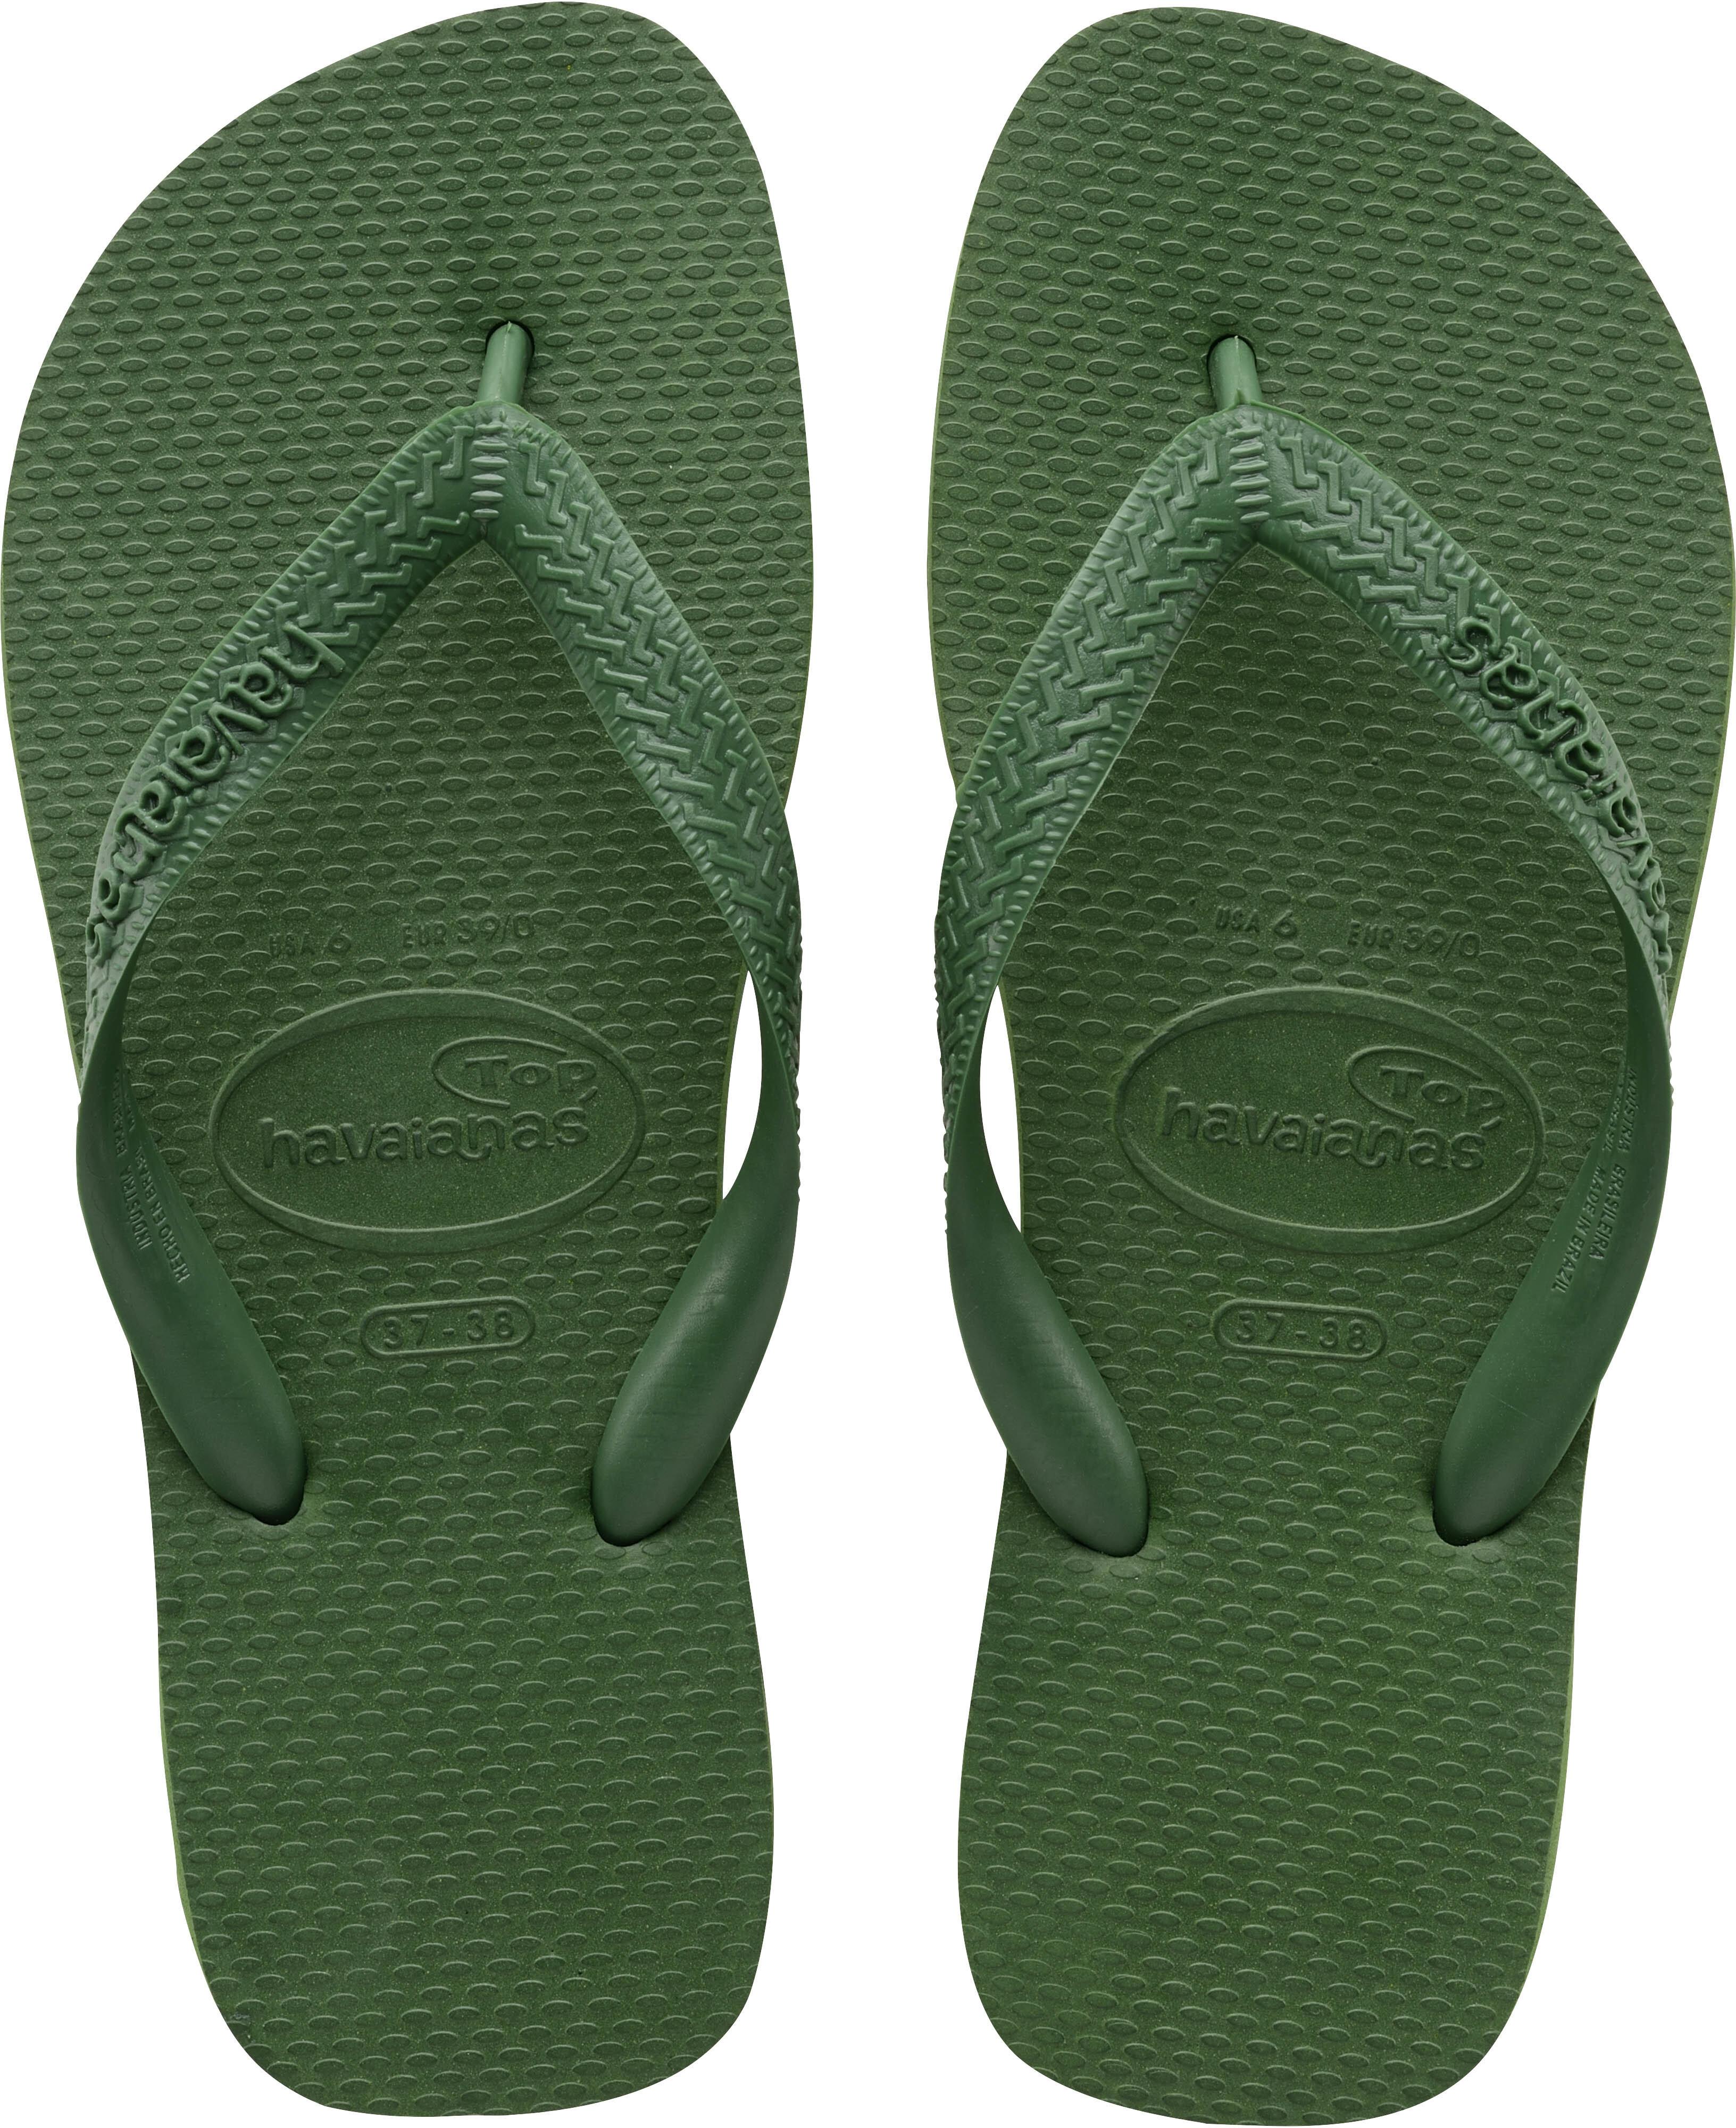 ce06731f52d havaianas Top Sandaler oliven | Find outdoortøj, sko & udstyr på ...